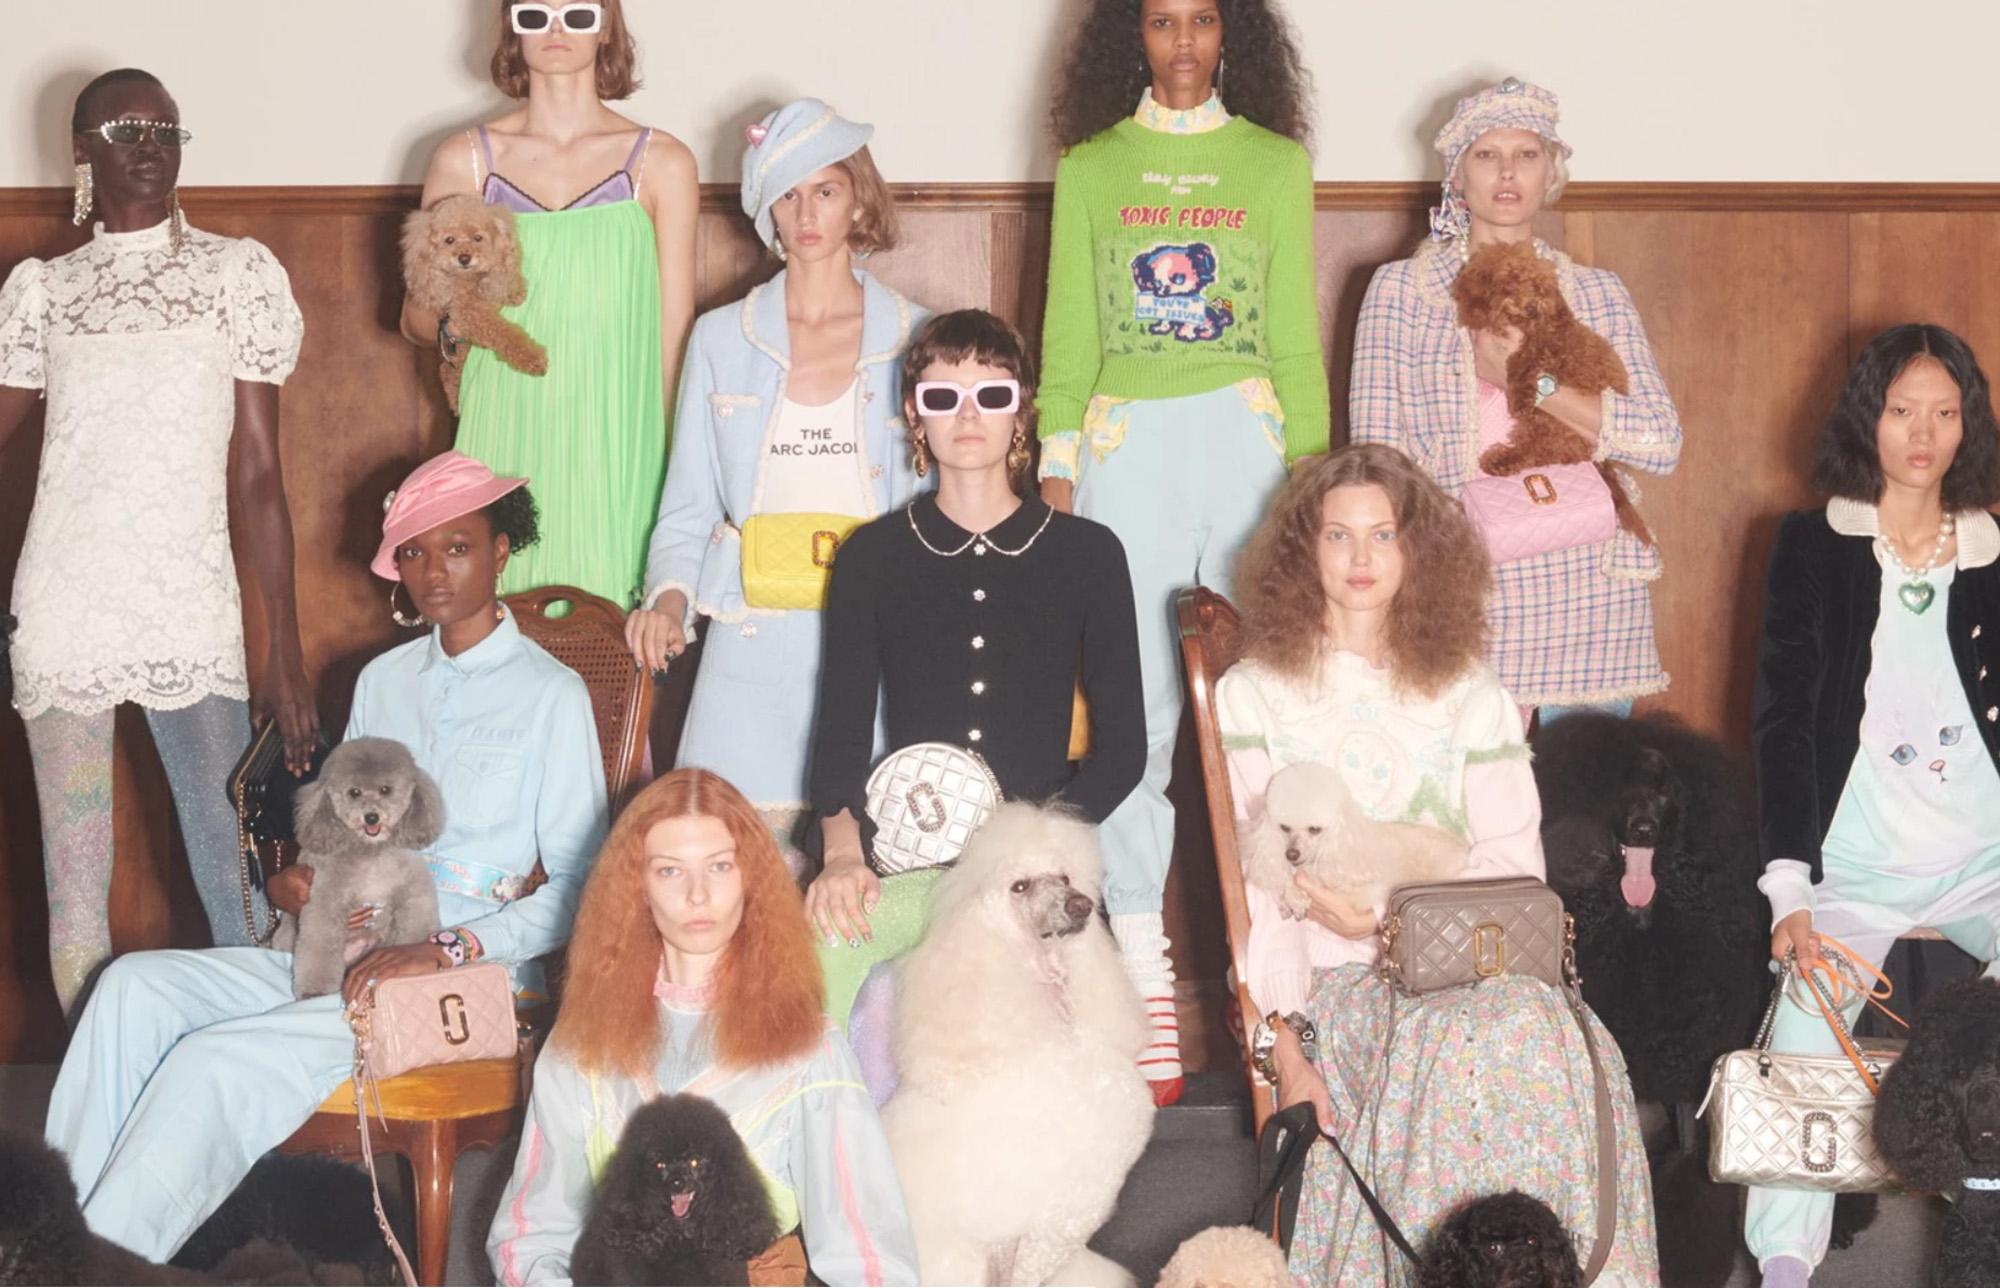 Marc Jacobs : Louis Vuitton, grunge et chic, son parcours